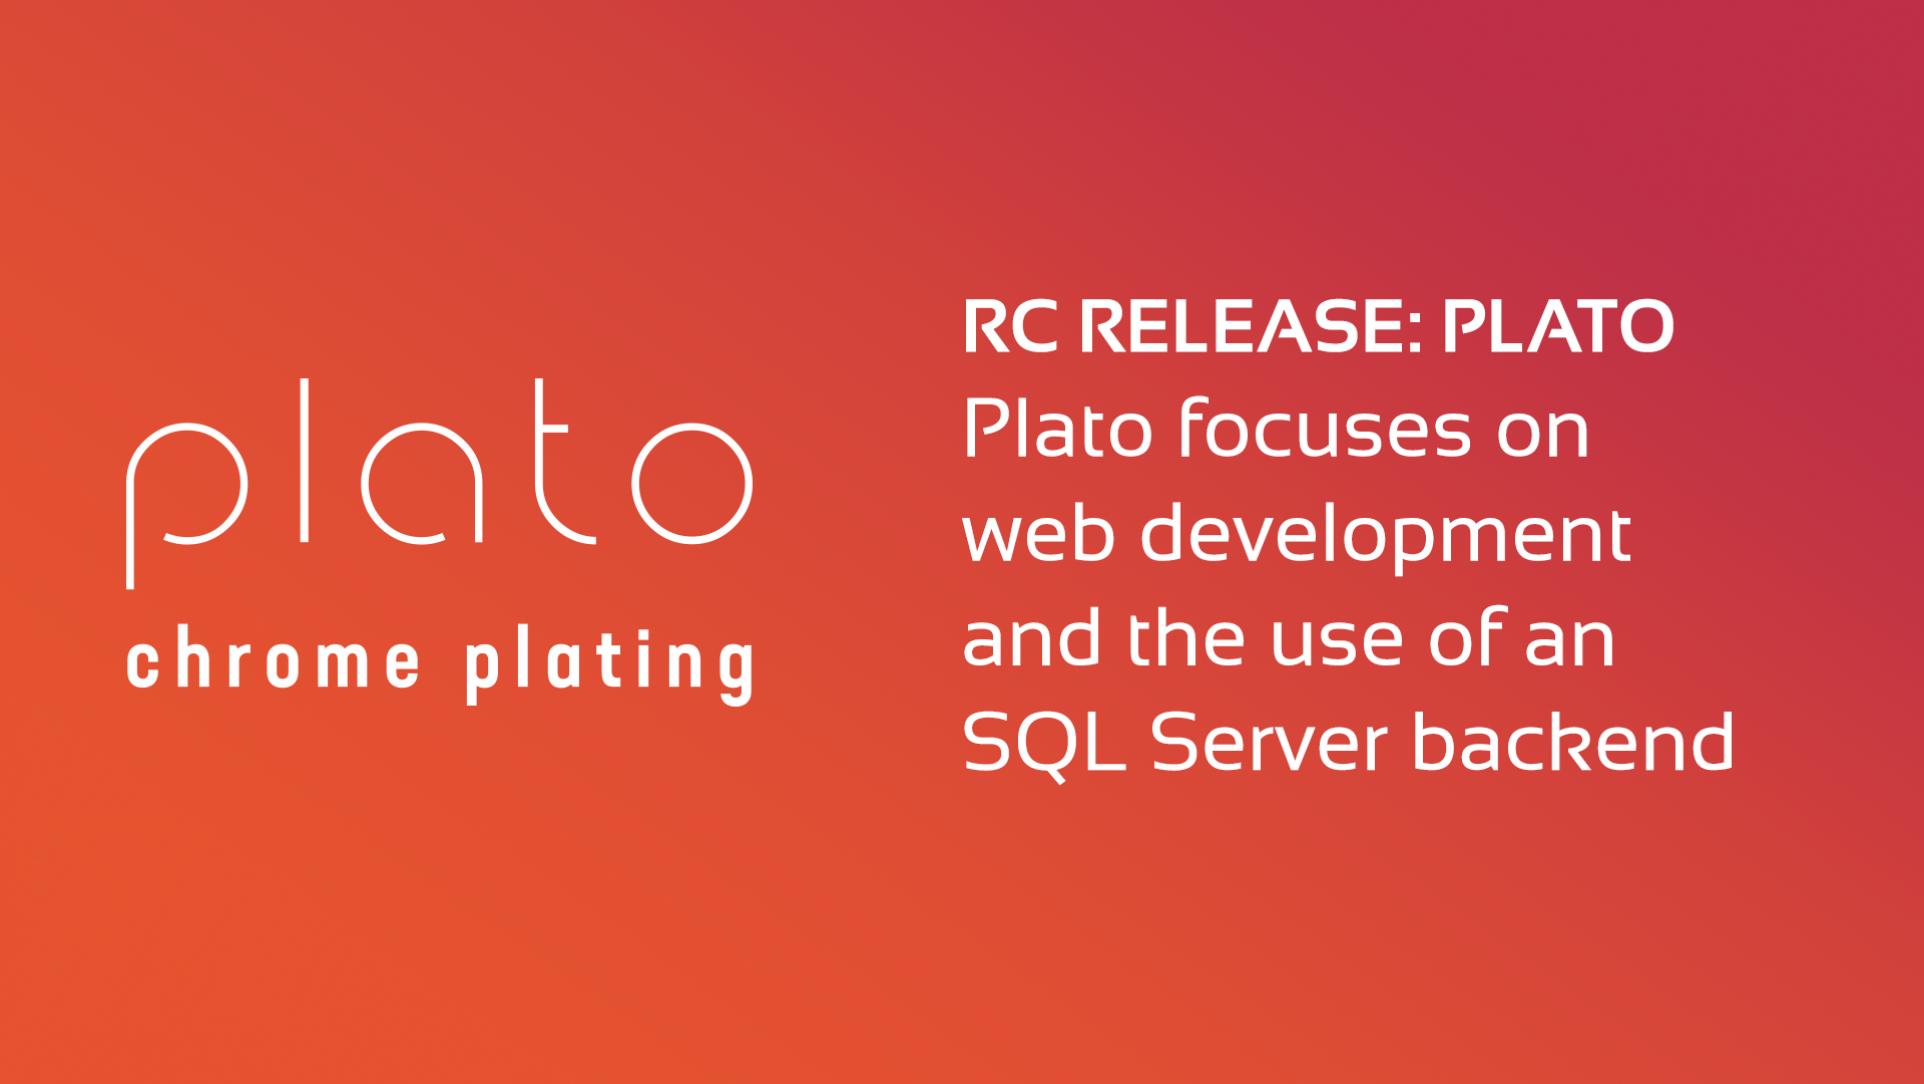 Plato Update